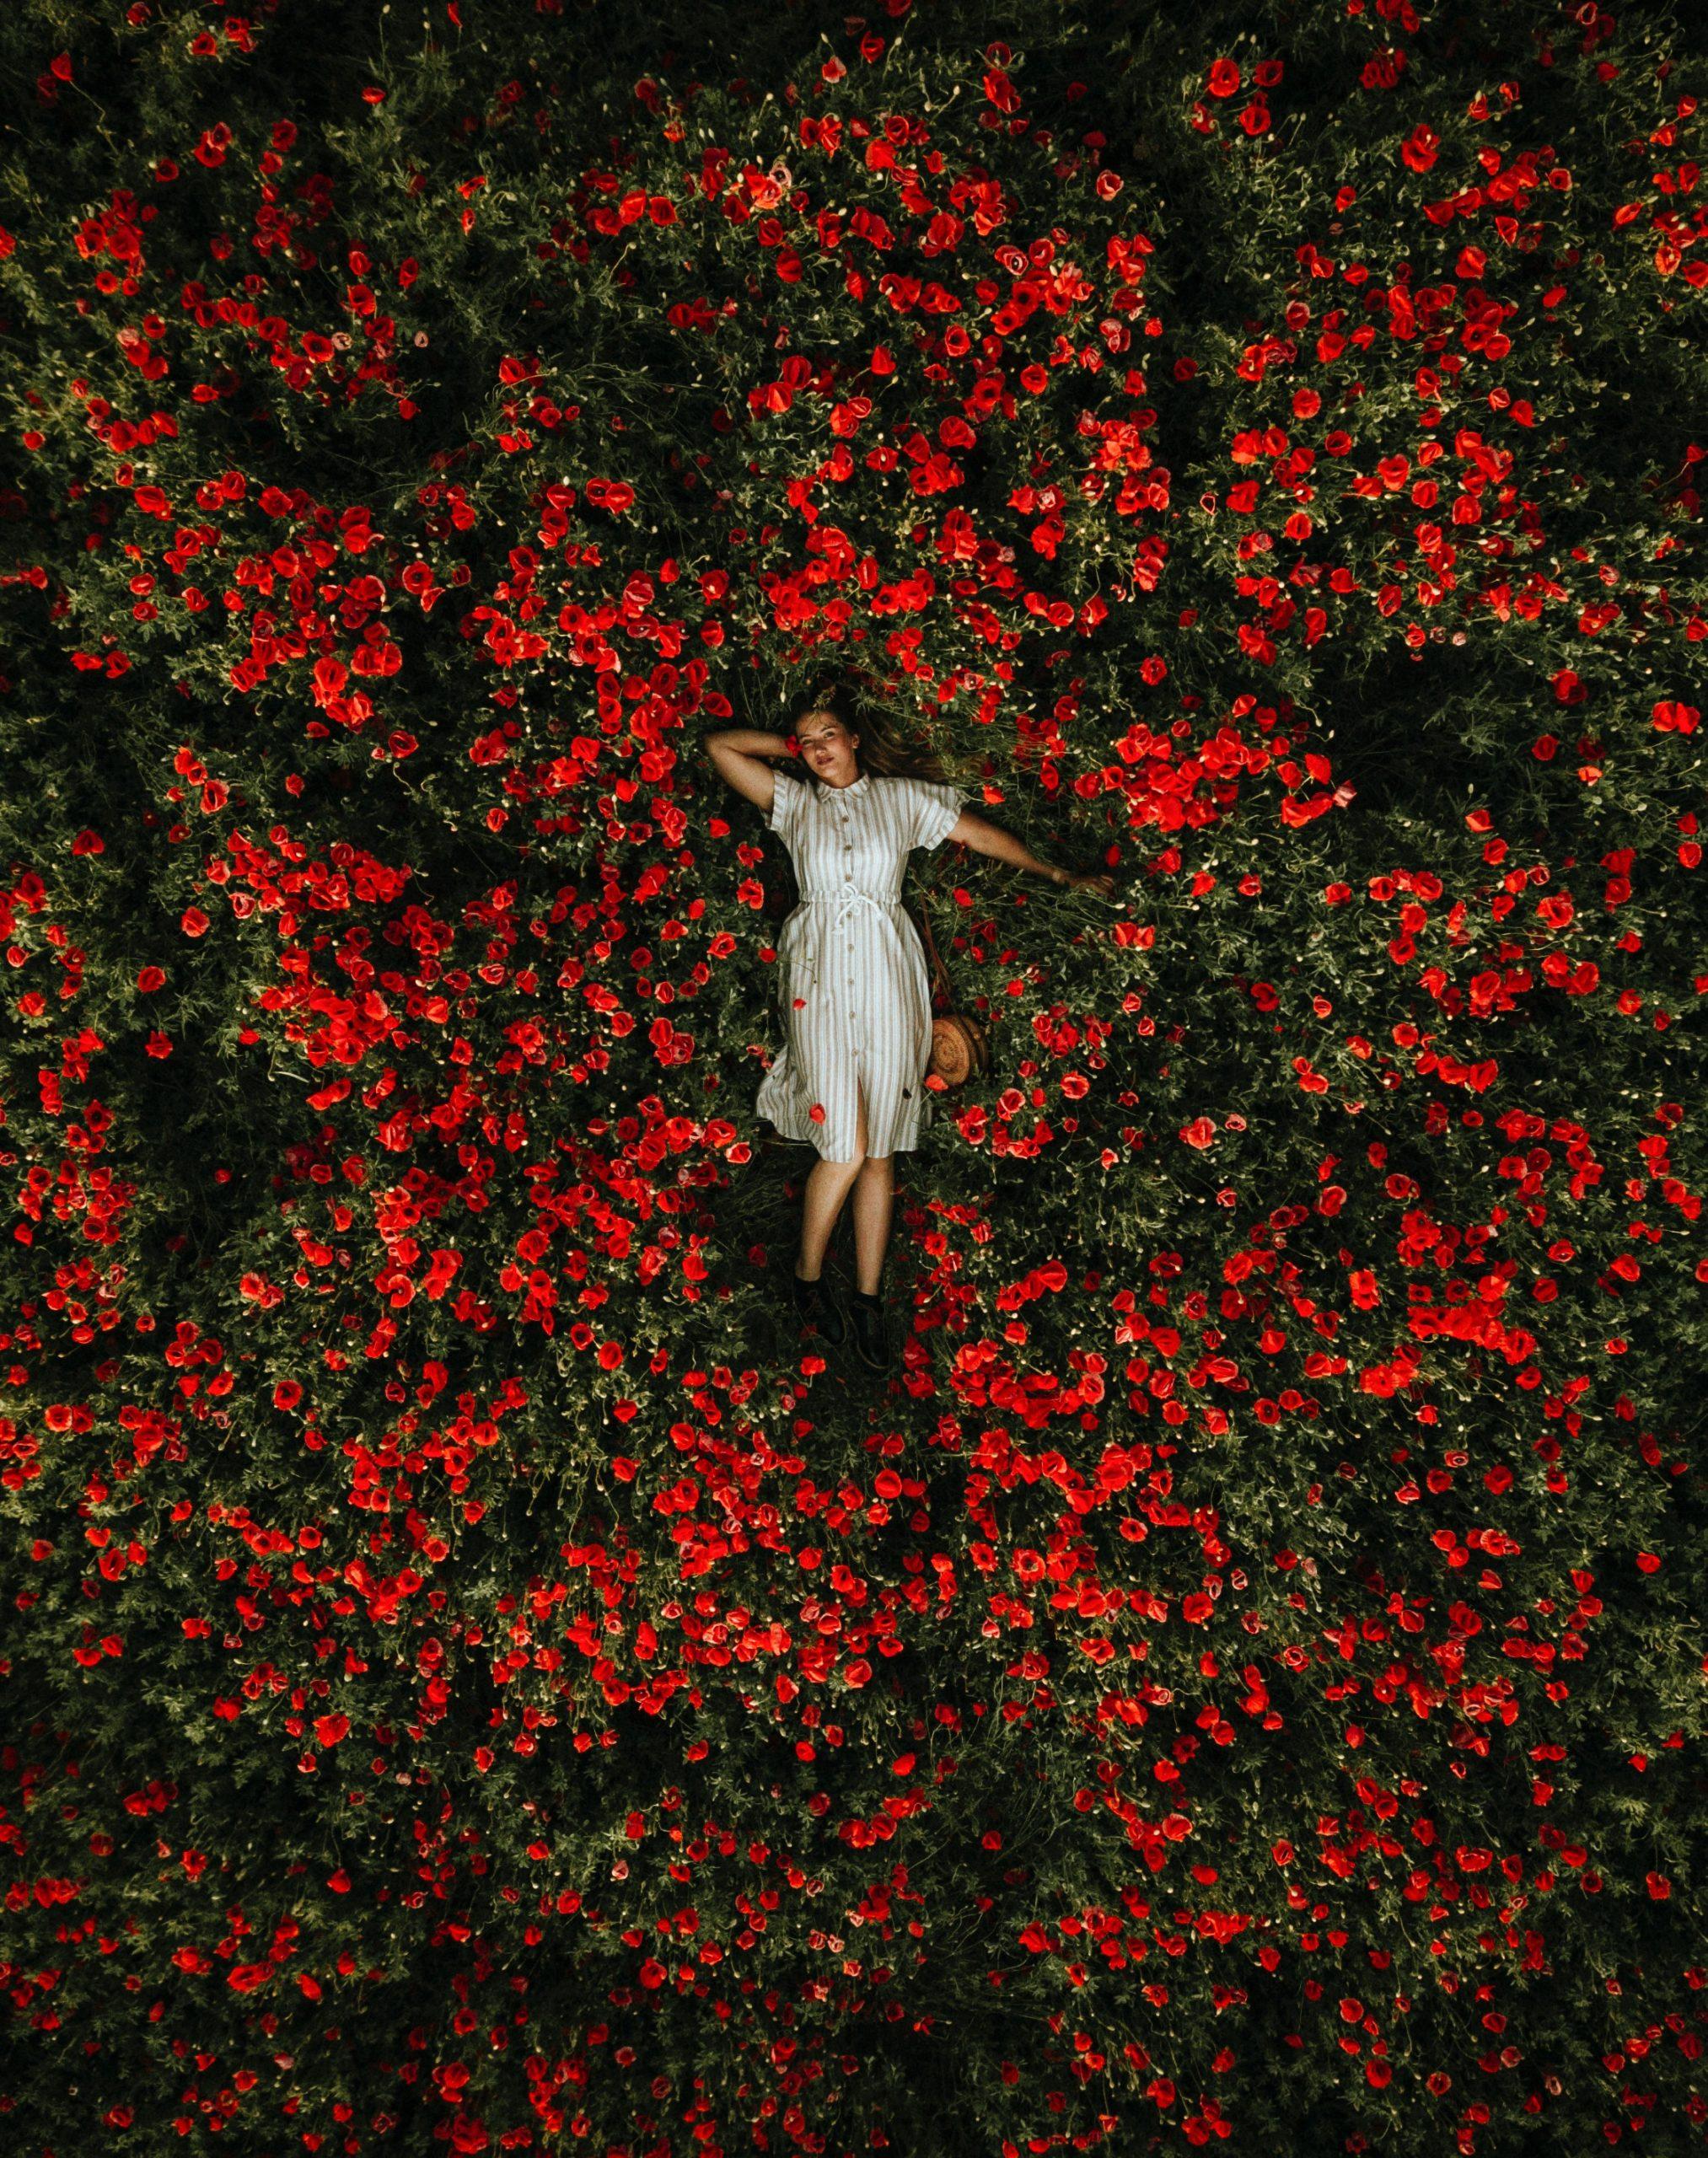 donna tra i fiori